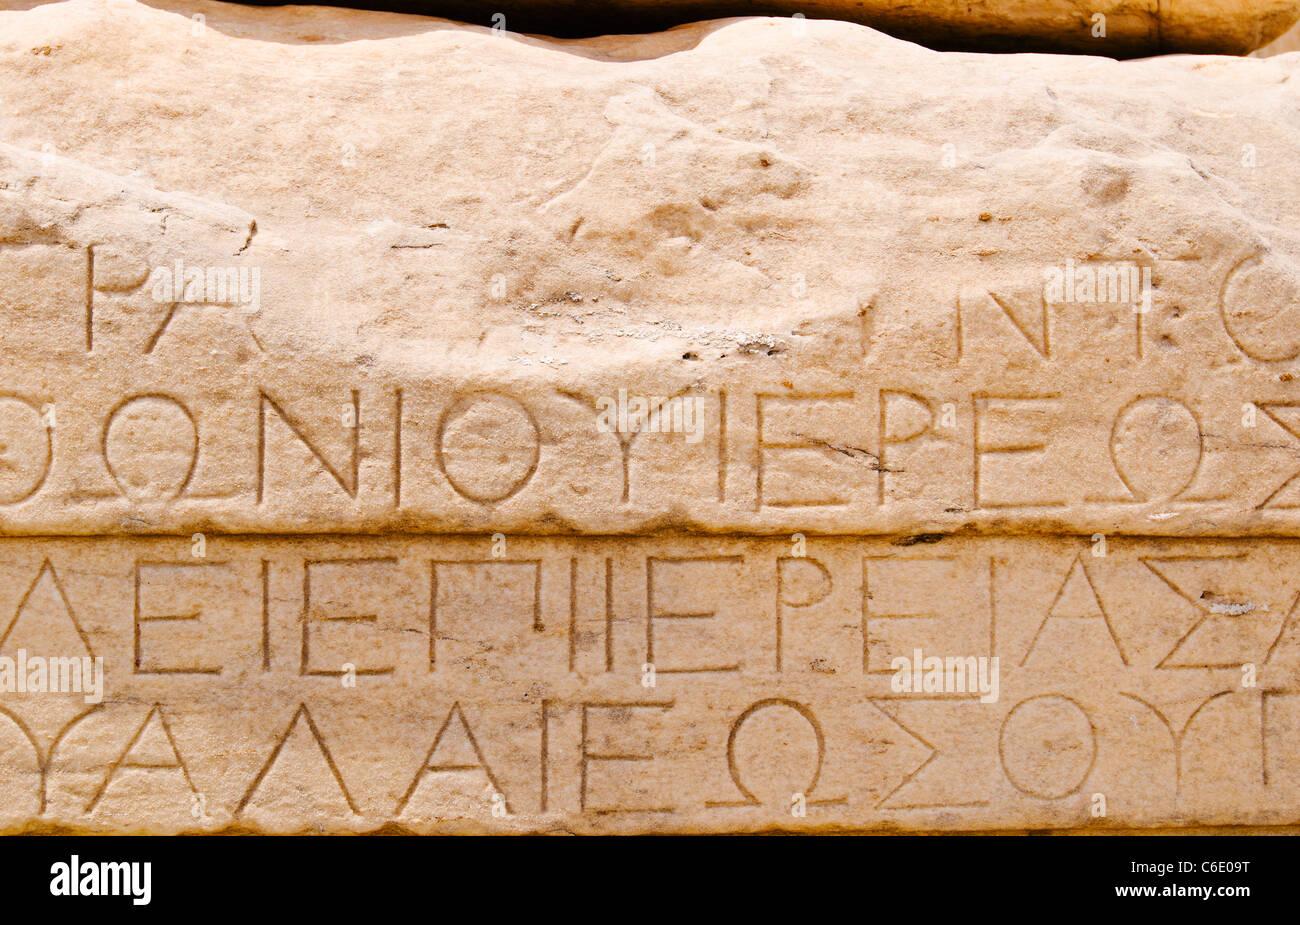 Greece, Athens, Acropolis, Greek inscription on ruins of Parthenon - Stock Image